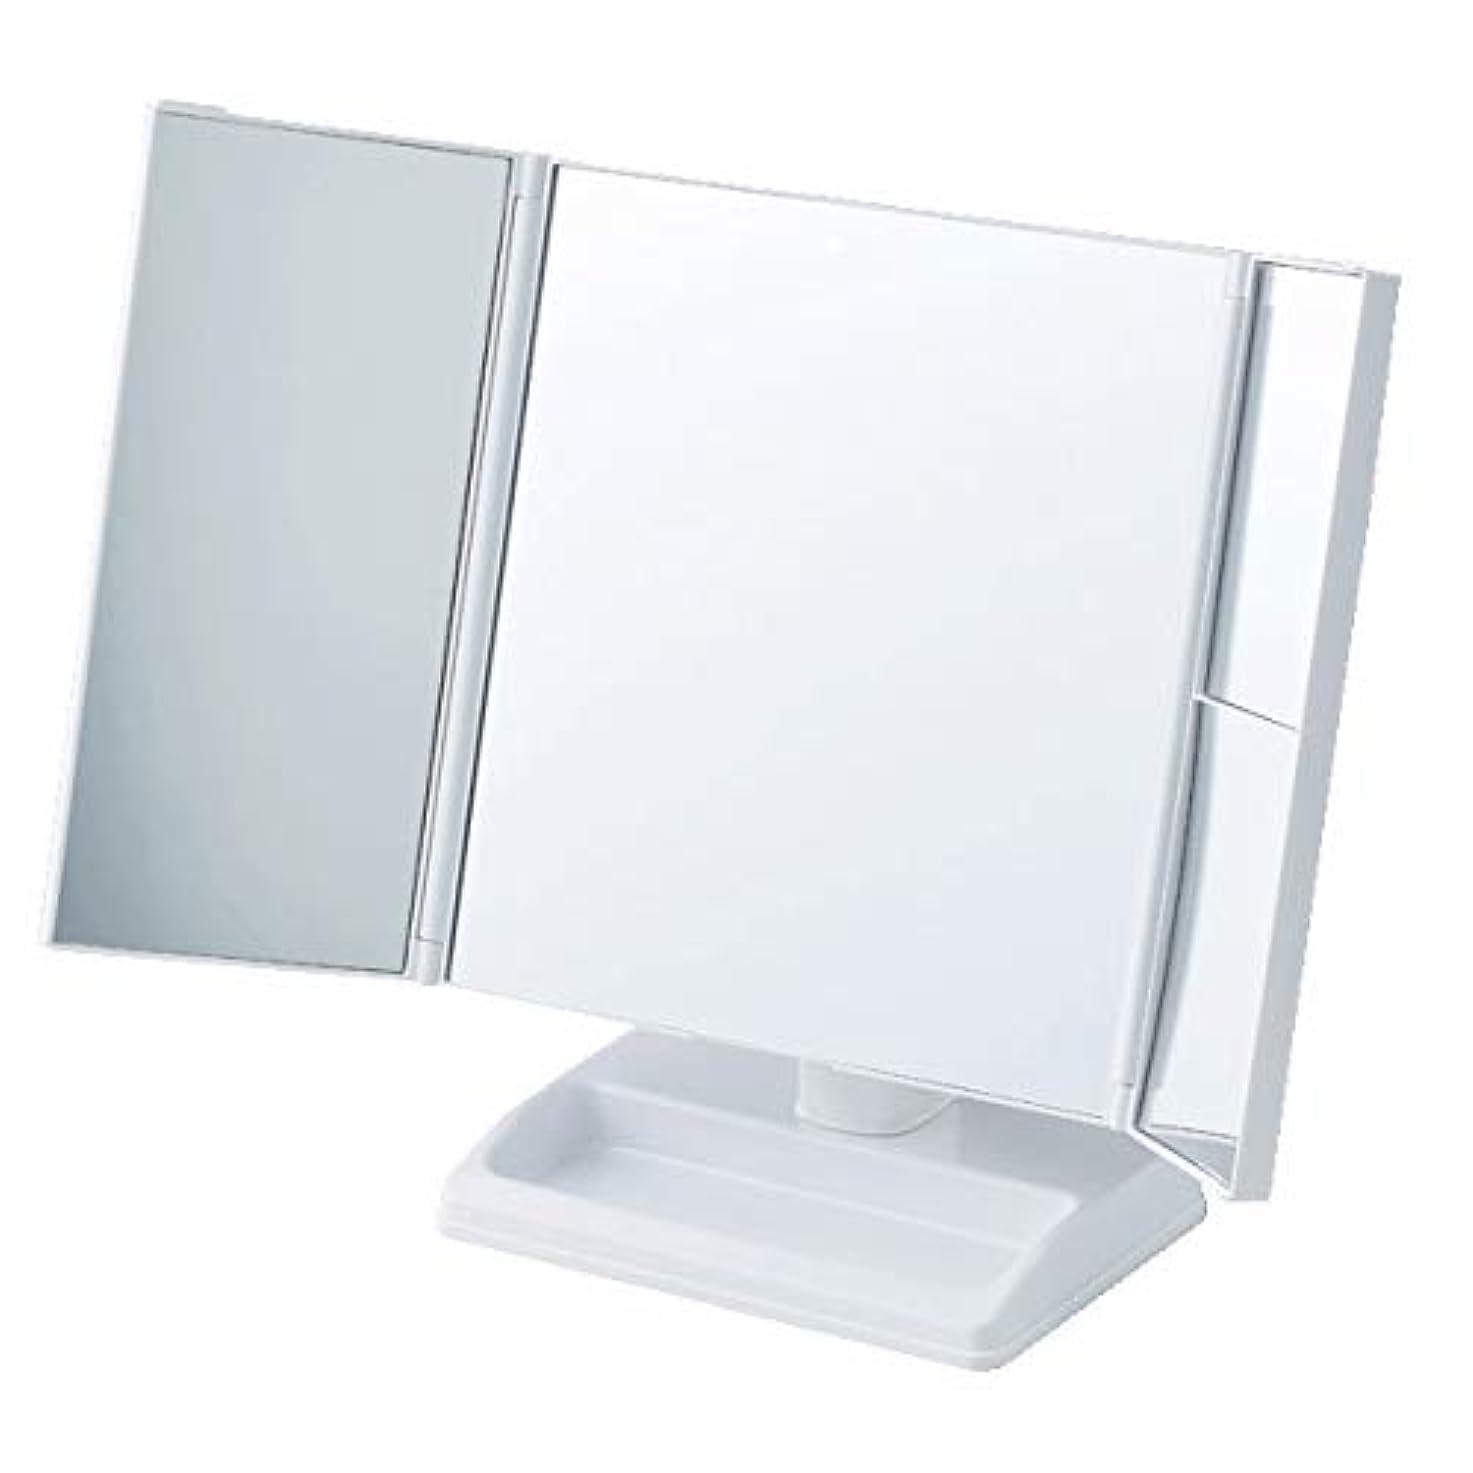 広告する口述する置き場テーブルで使う拡大鏡付三面ミラー